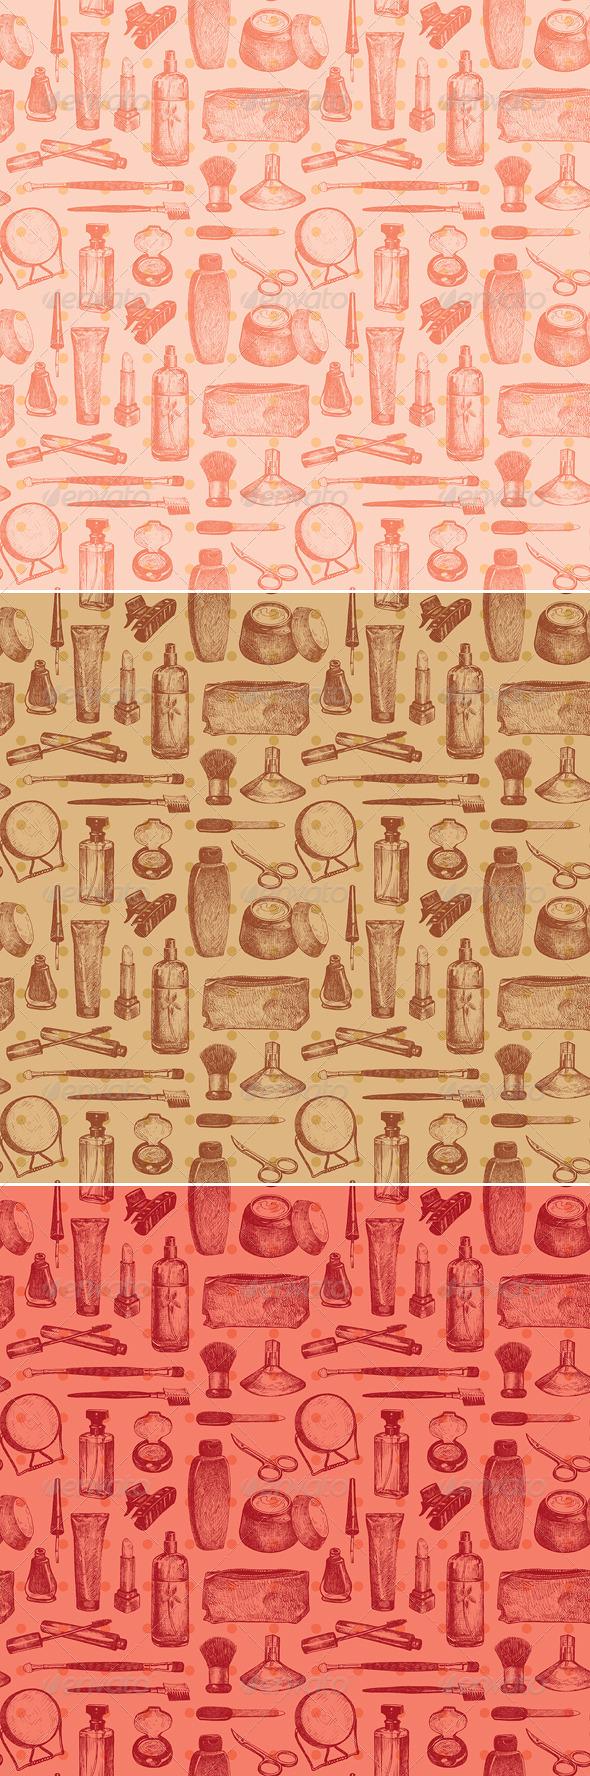 Cosmetics and Beauty Seamless Pattern - Patterns Decorative